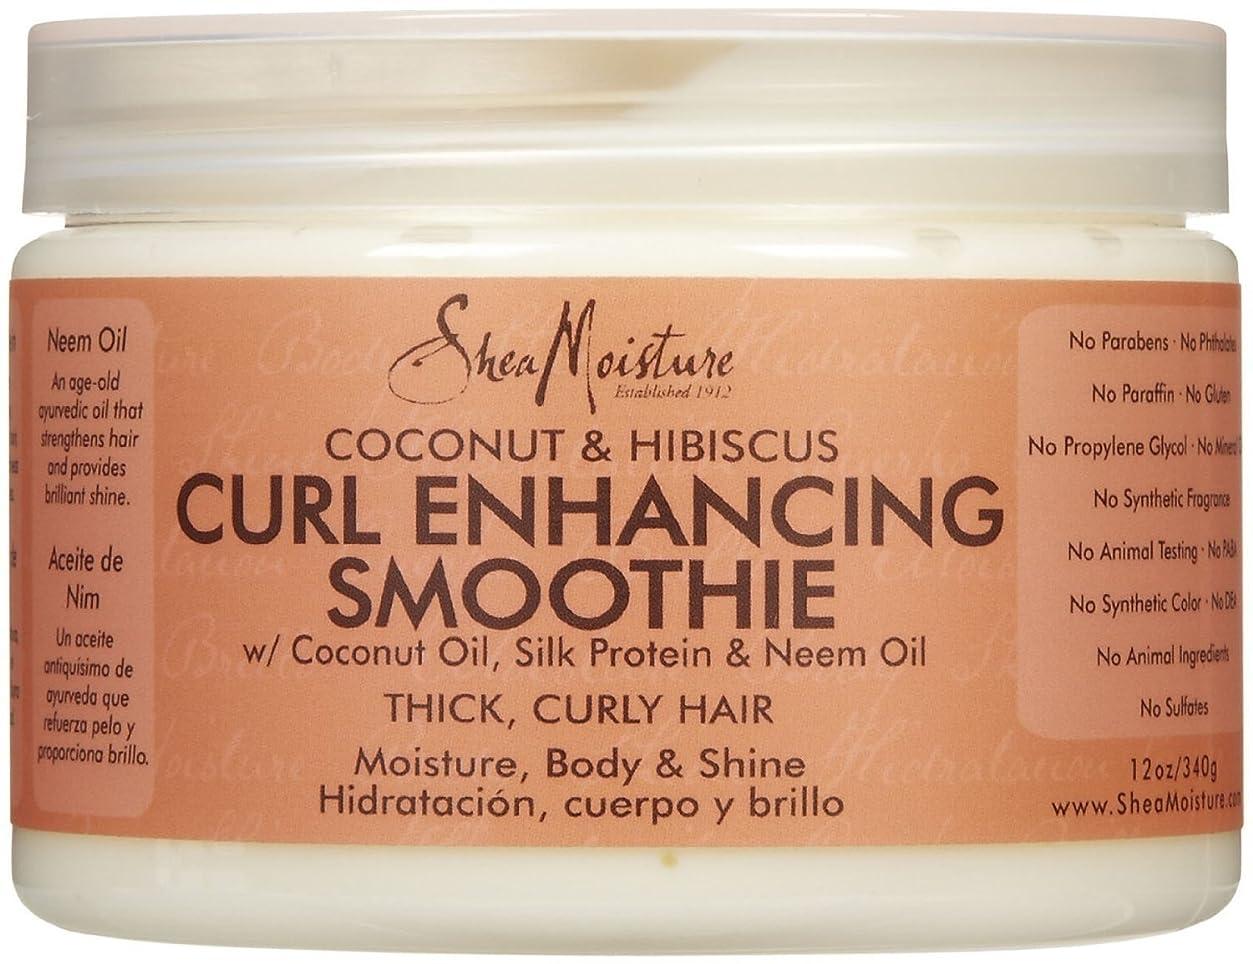 何か花瓶あいにくシーモイスチャー Shea Moisture Coconut Hibiscus Curl Enhancing Smoothie ヘアトリートメント